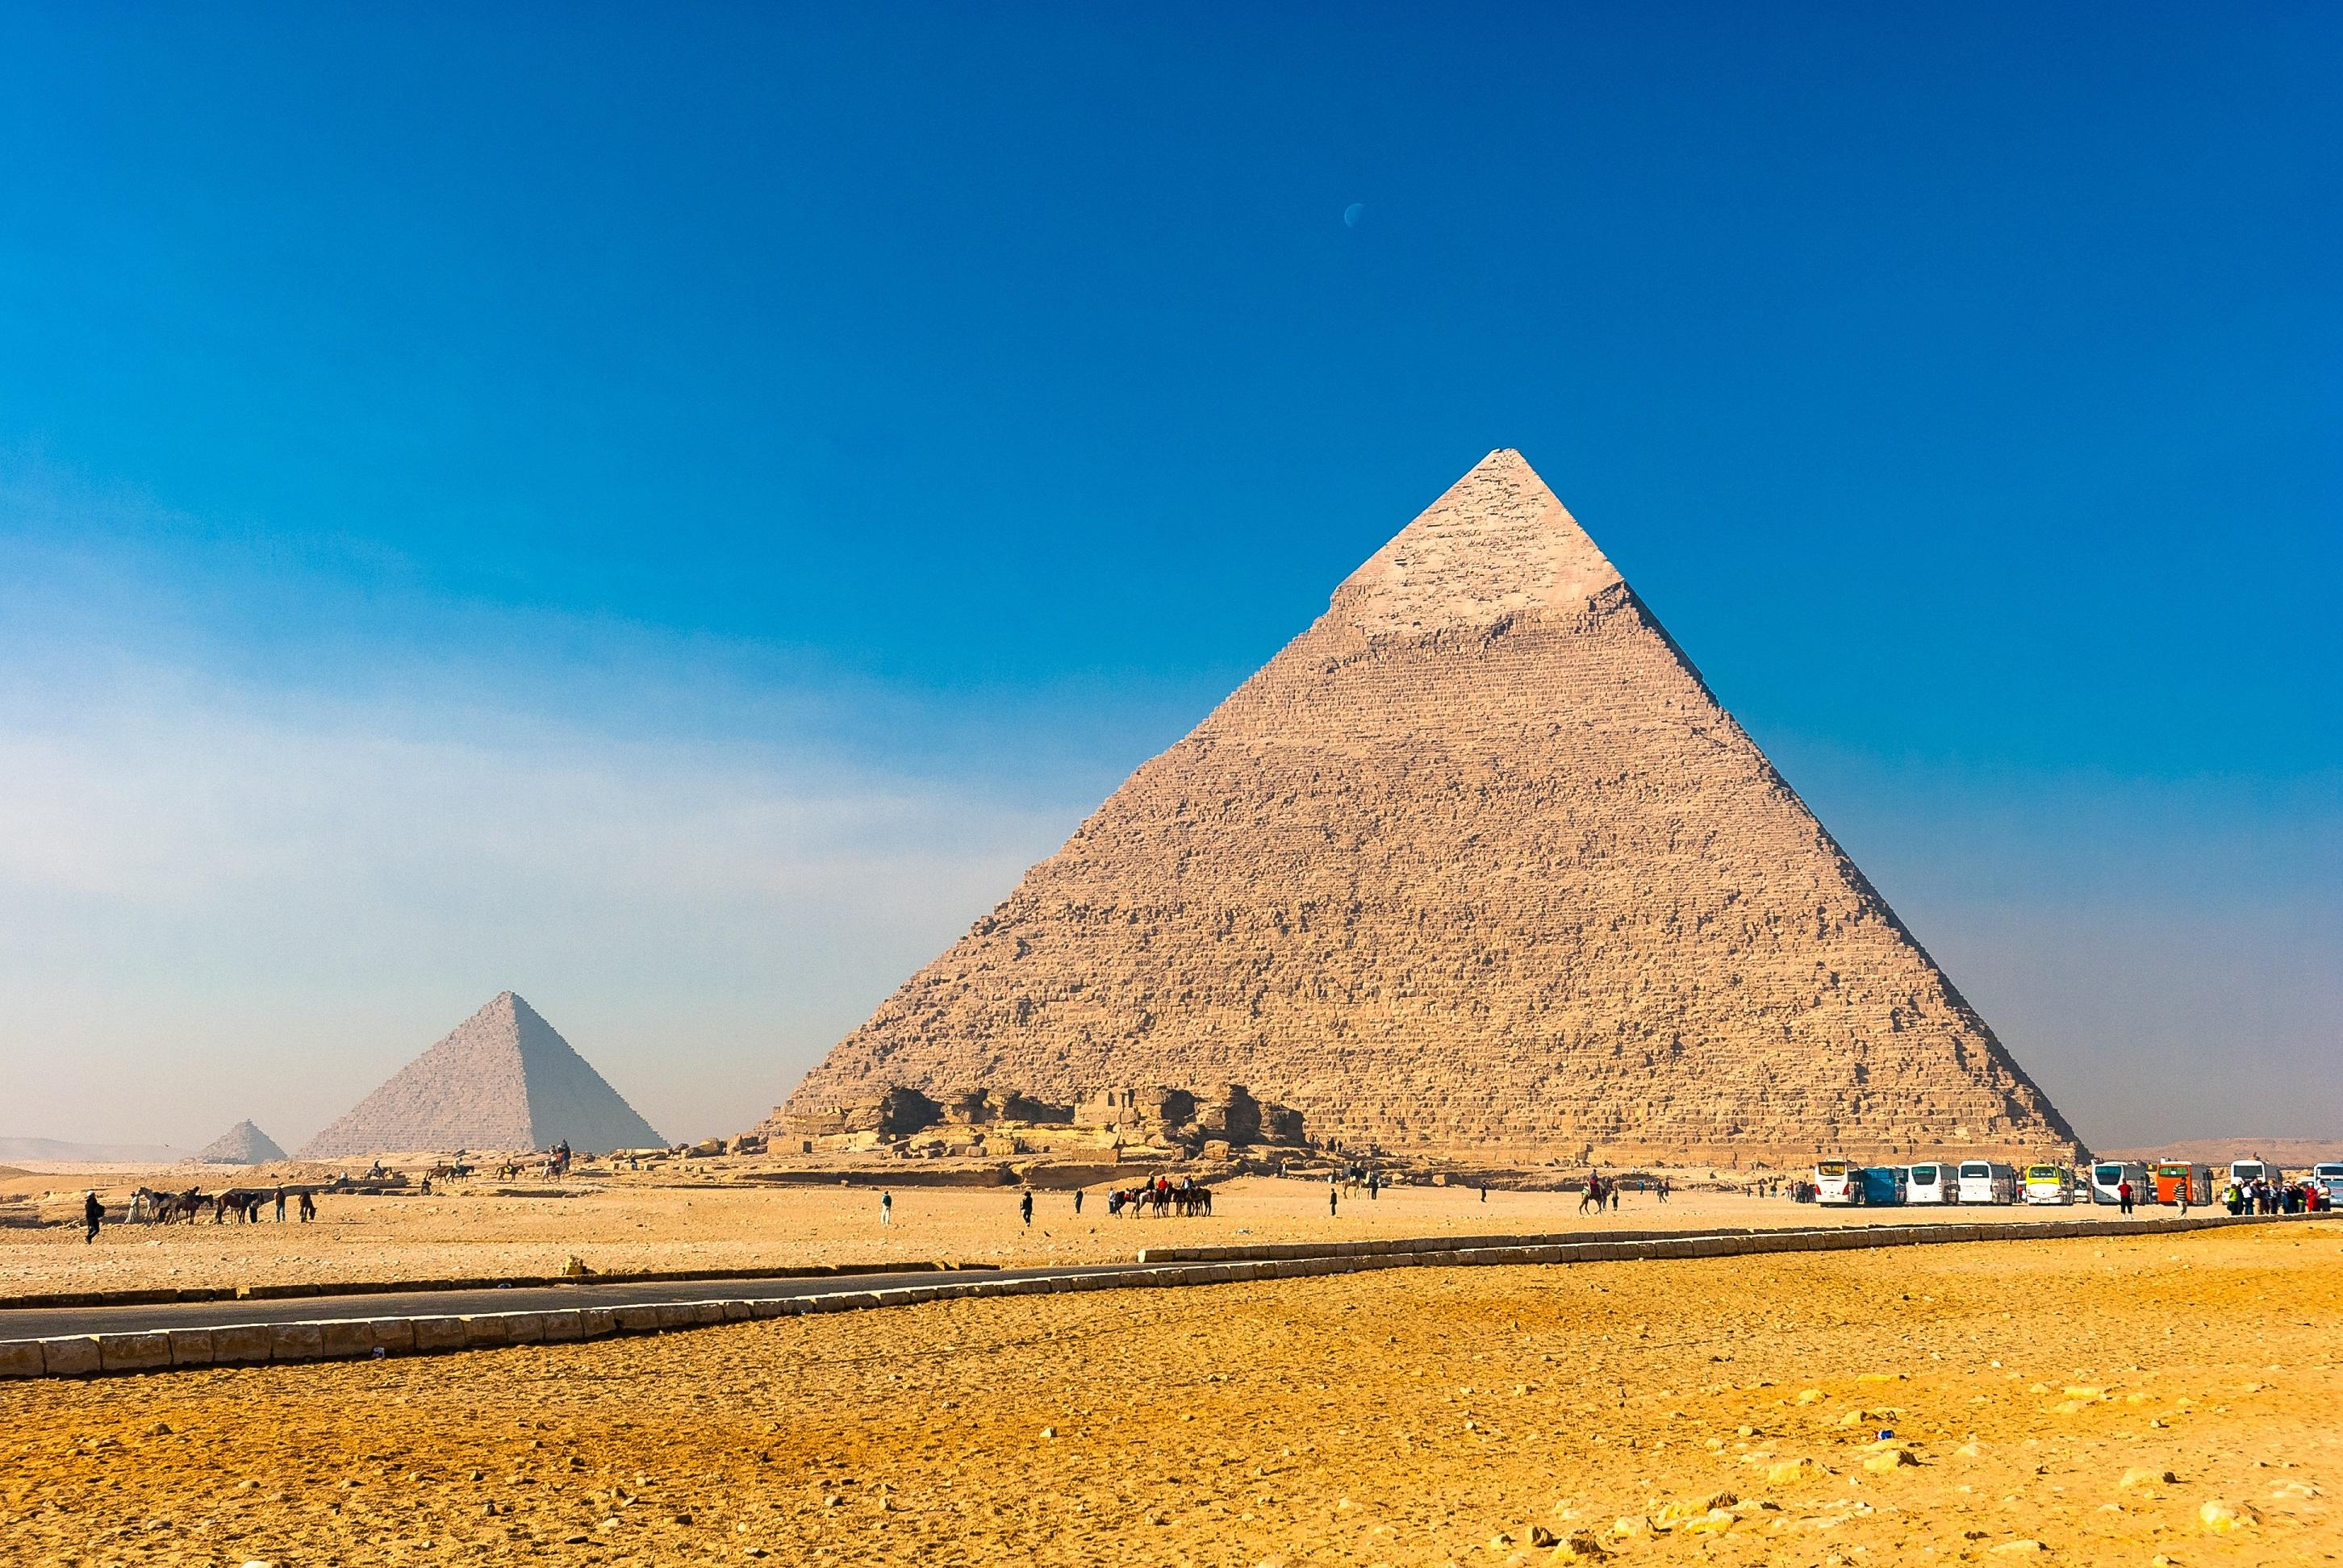 Єгипет піраміда